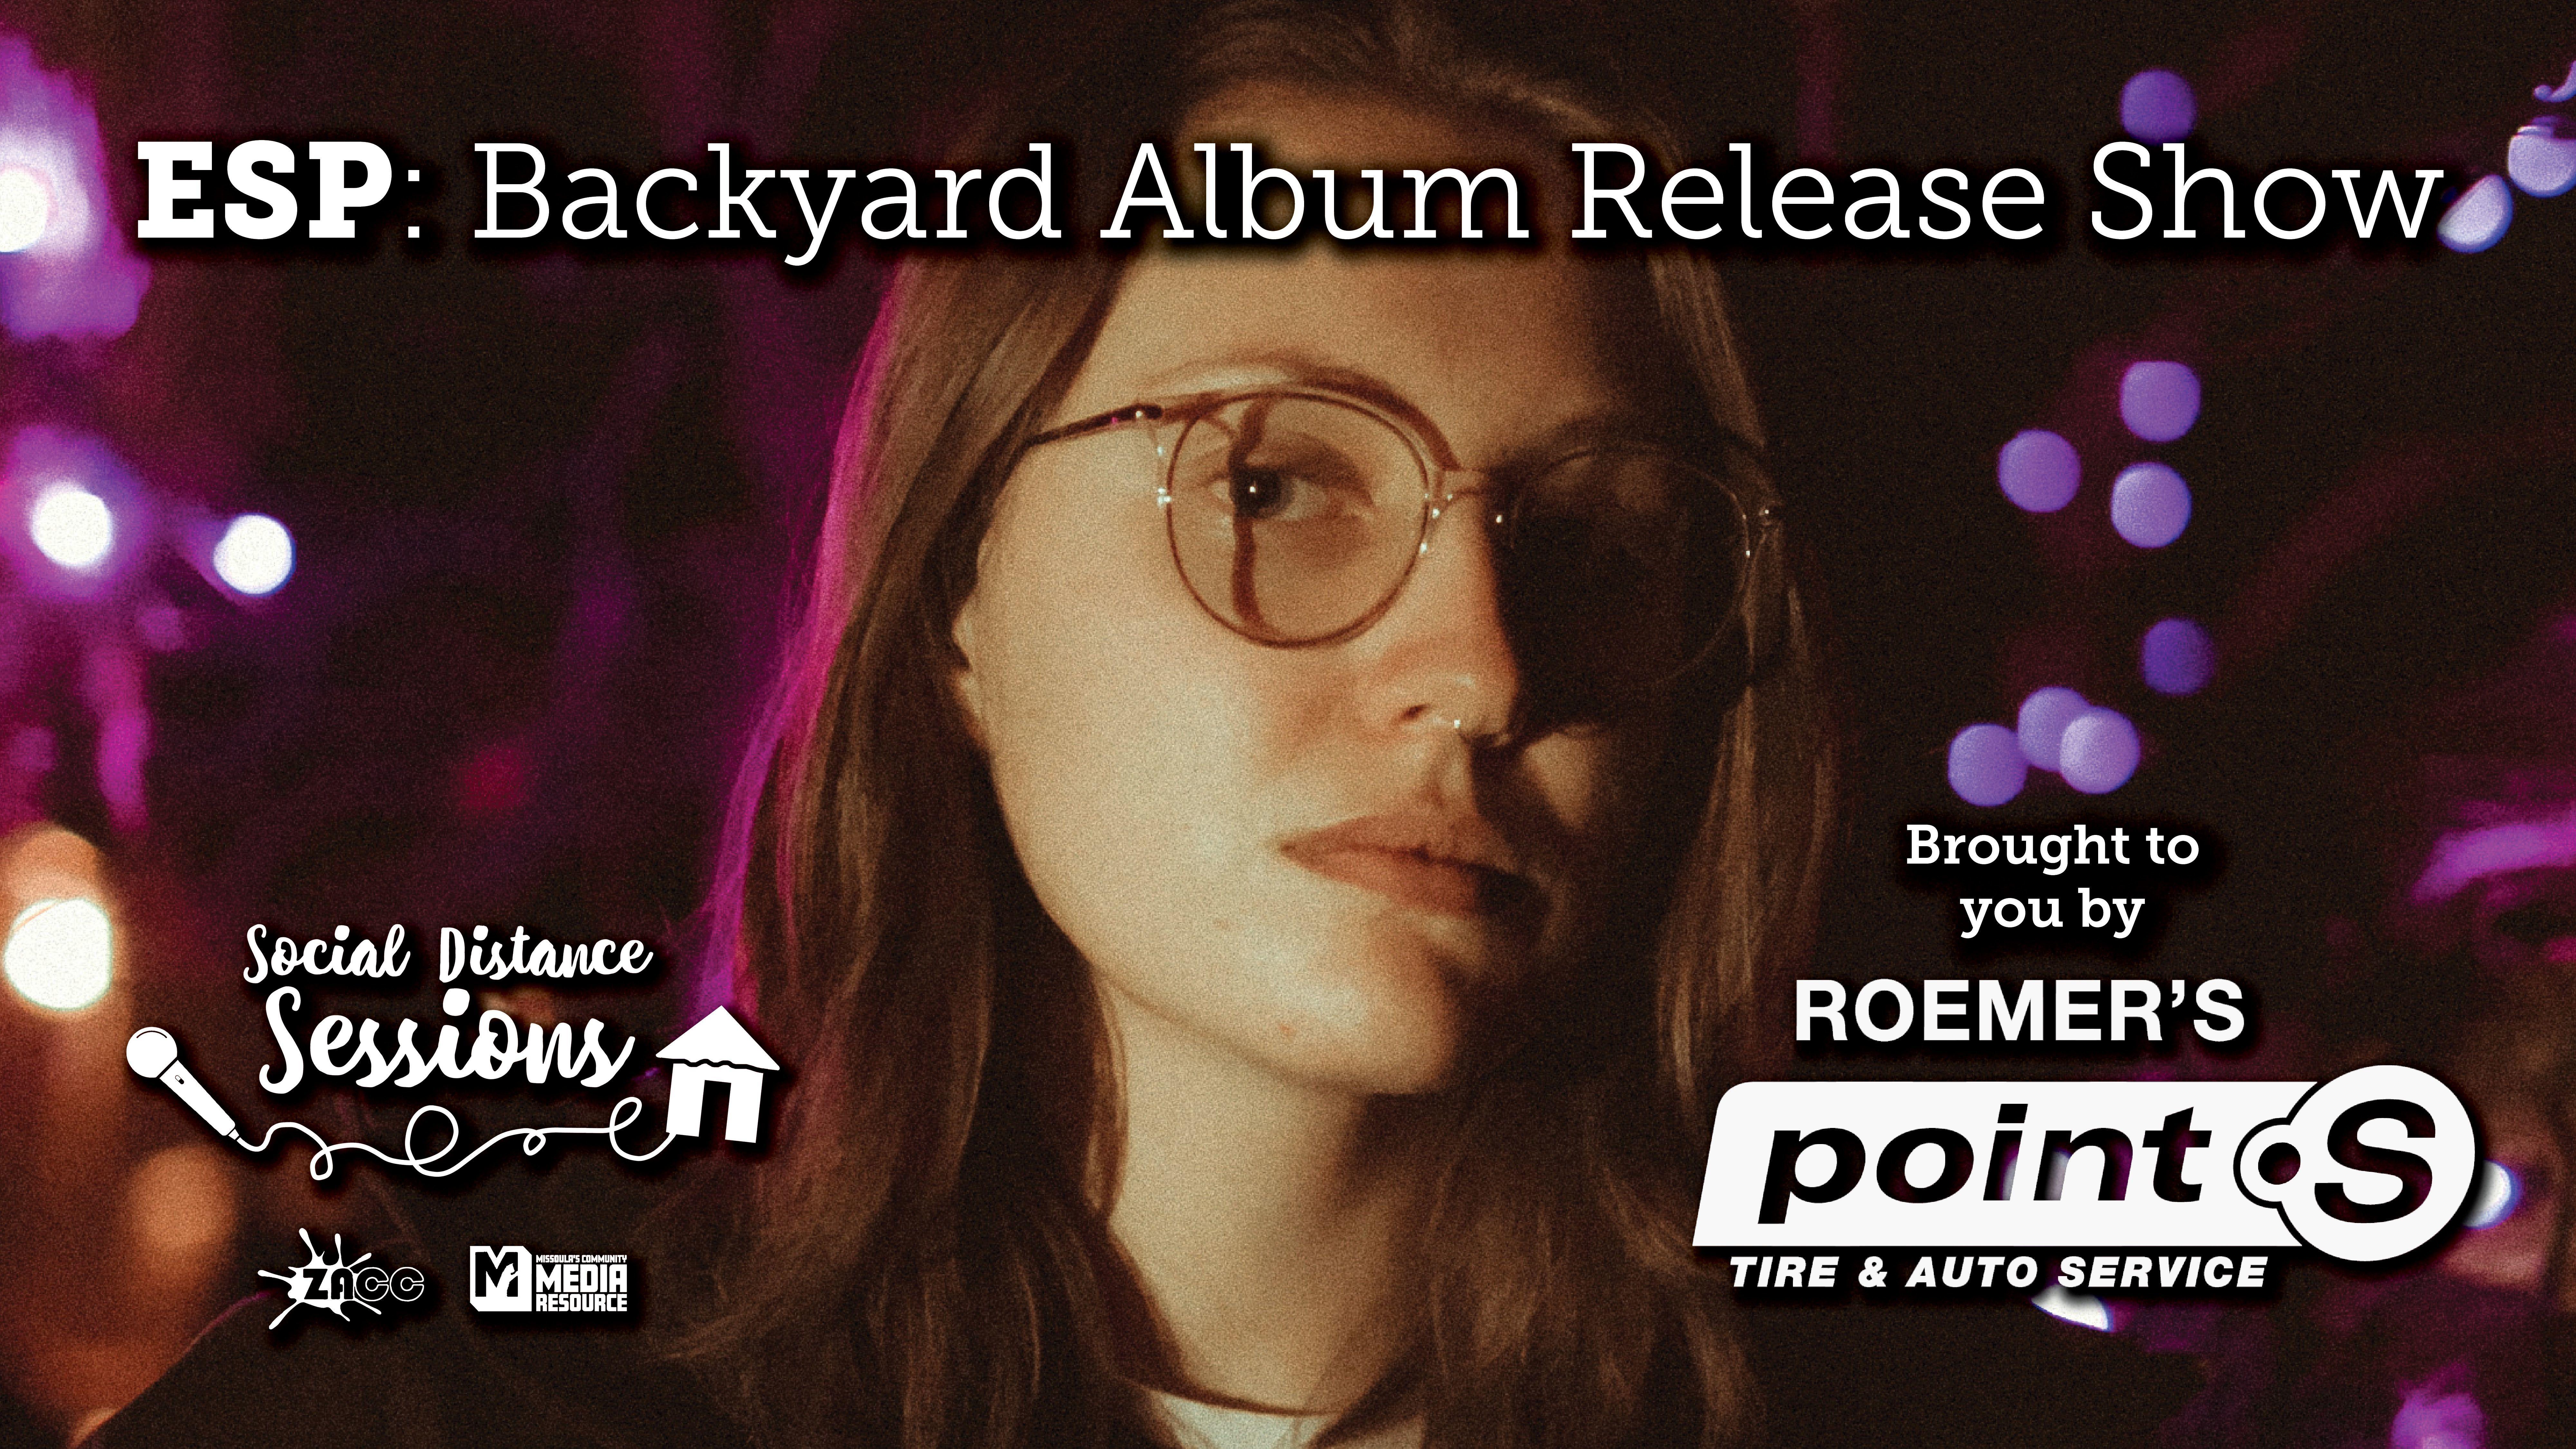 Social Distance Sessions: ESP Backyard Album Release Show